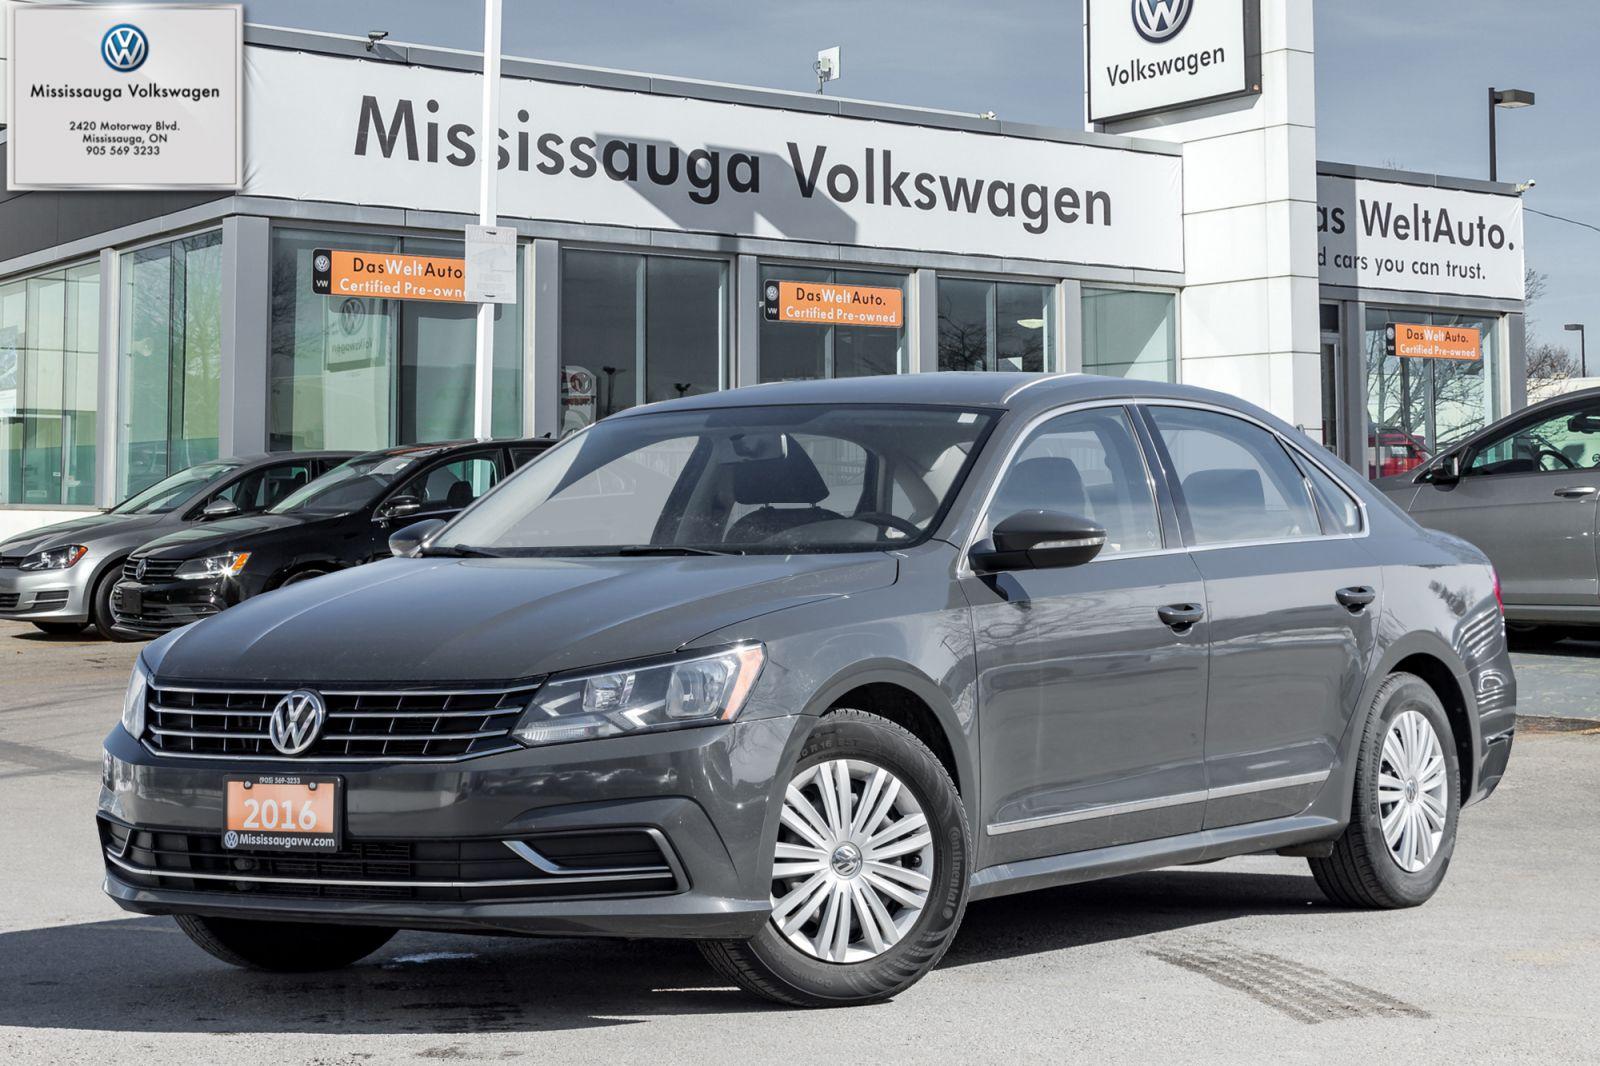 2016 Volkswagen Passat Image